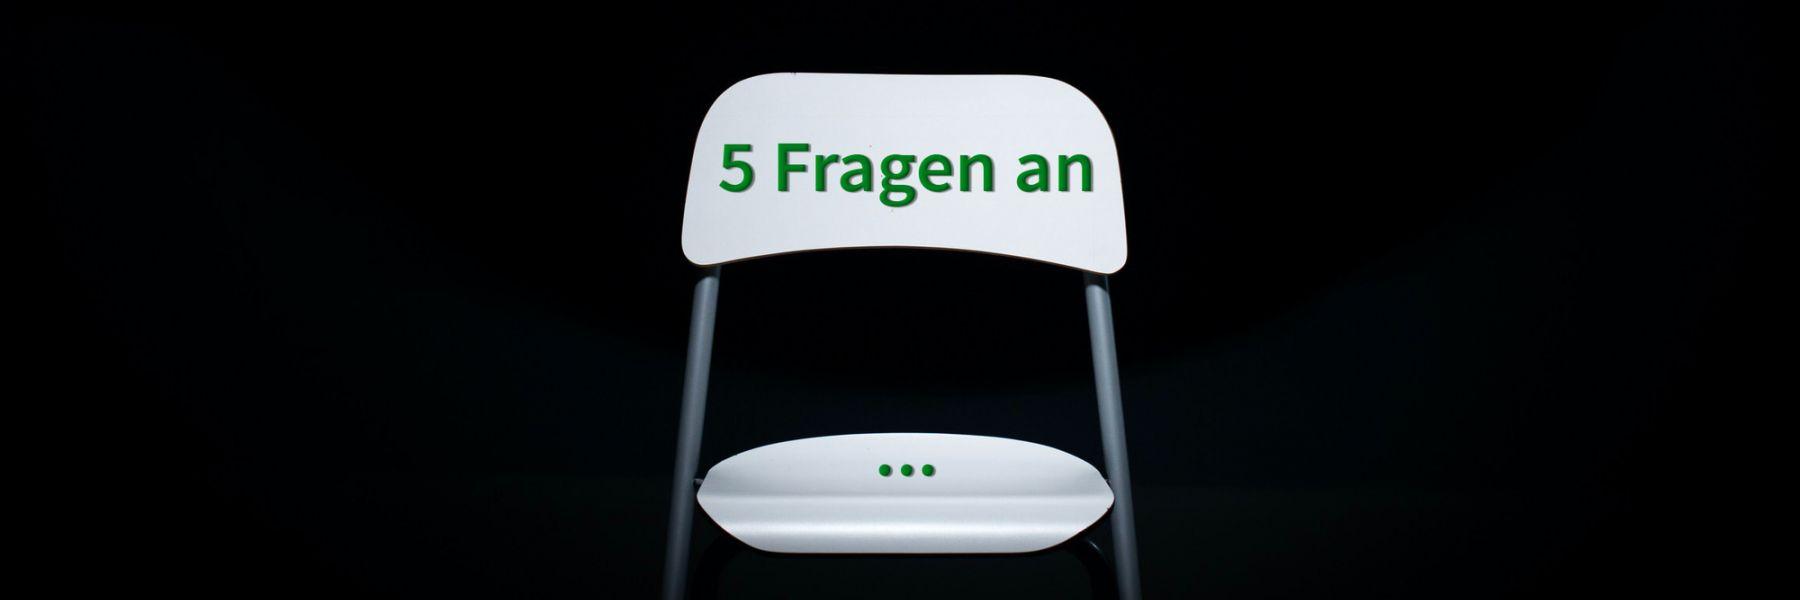 5 Fragen an : Roberto Speranza, Lilium GmbH